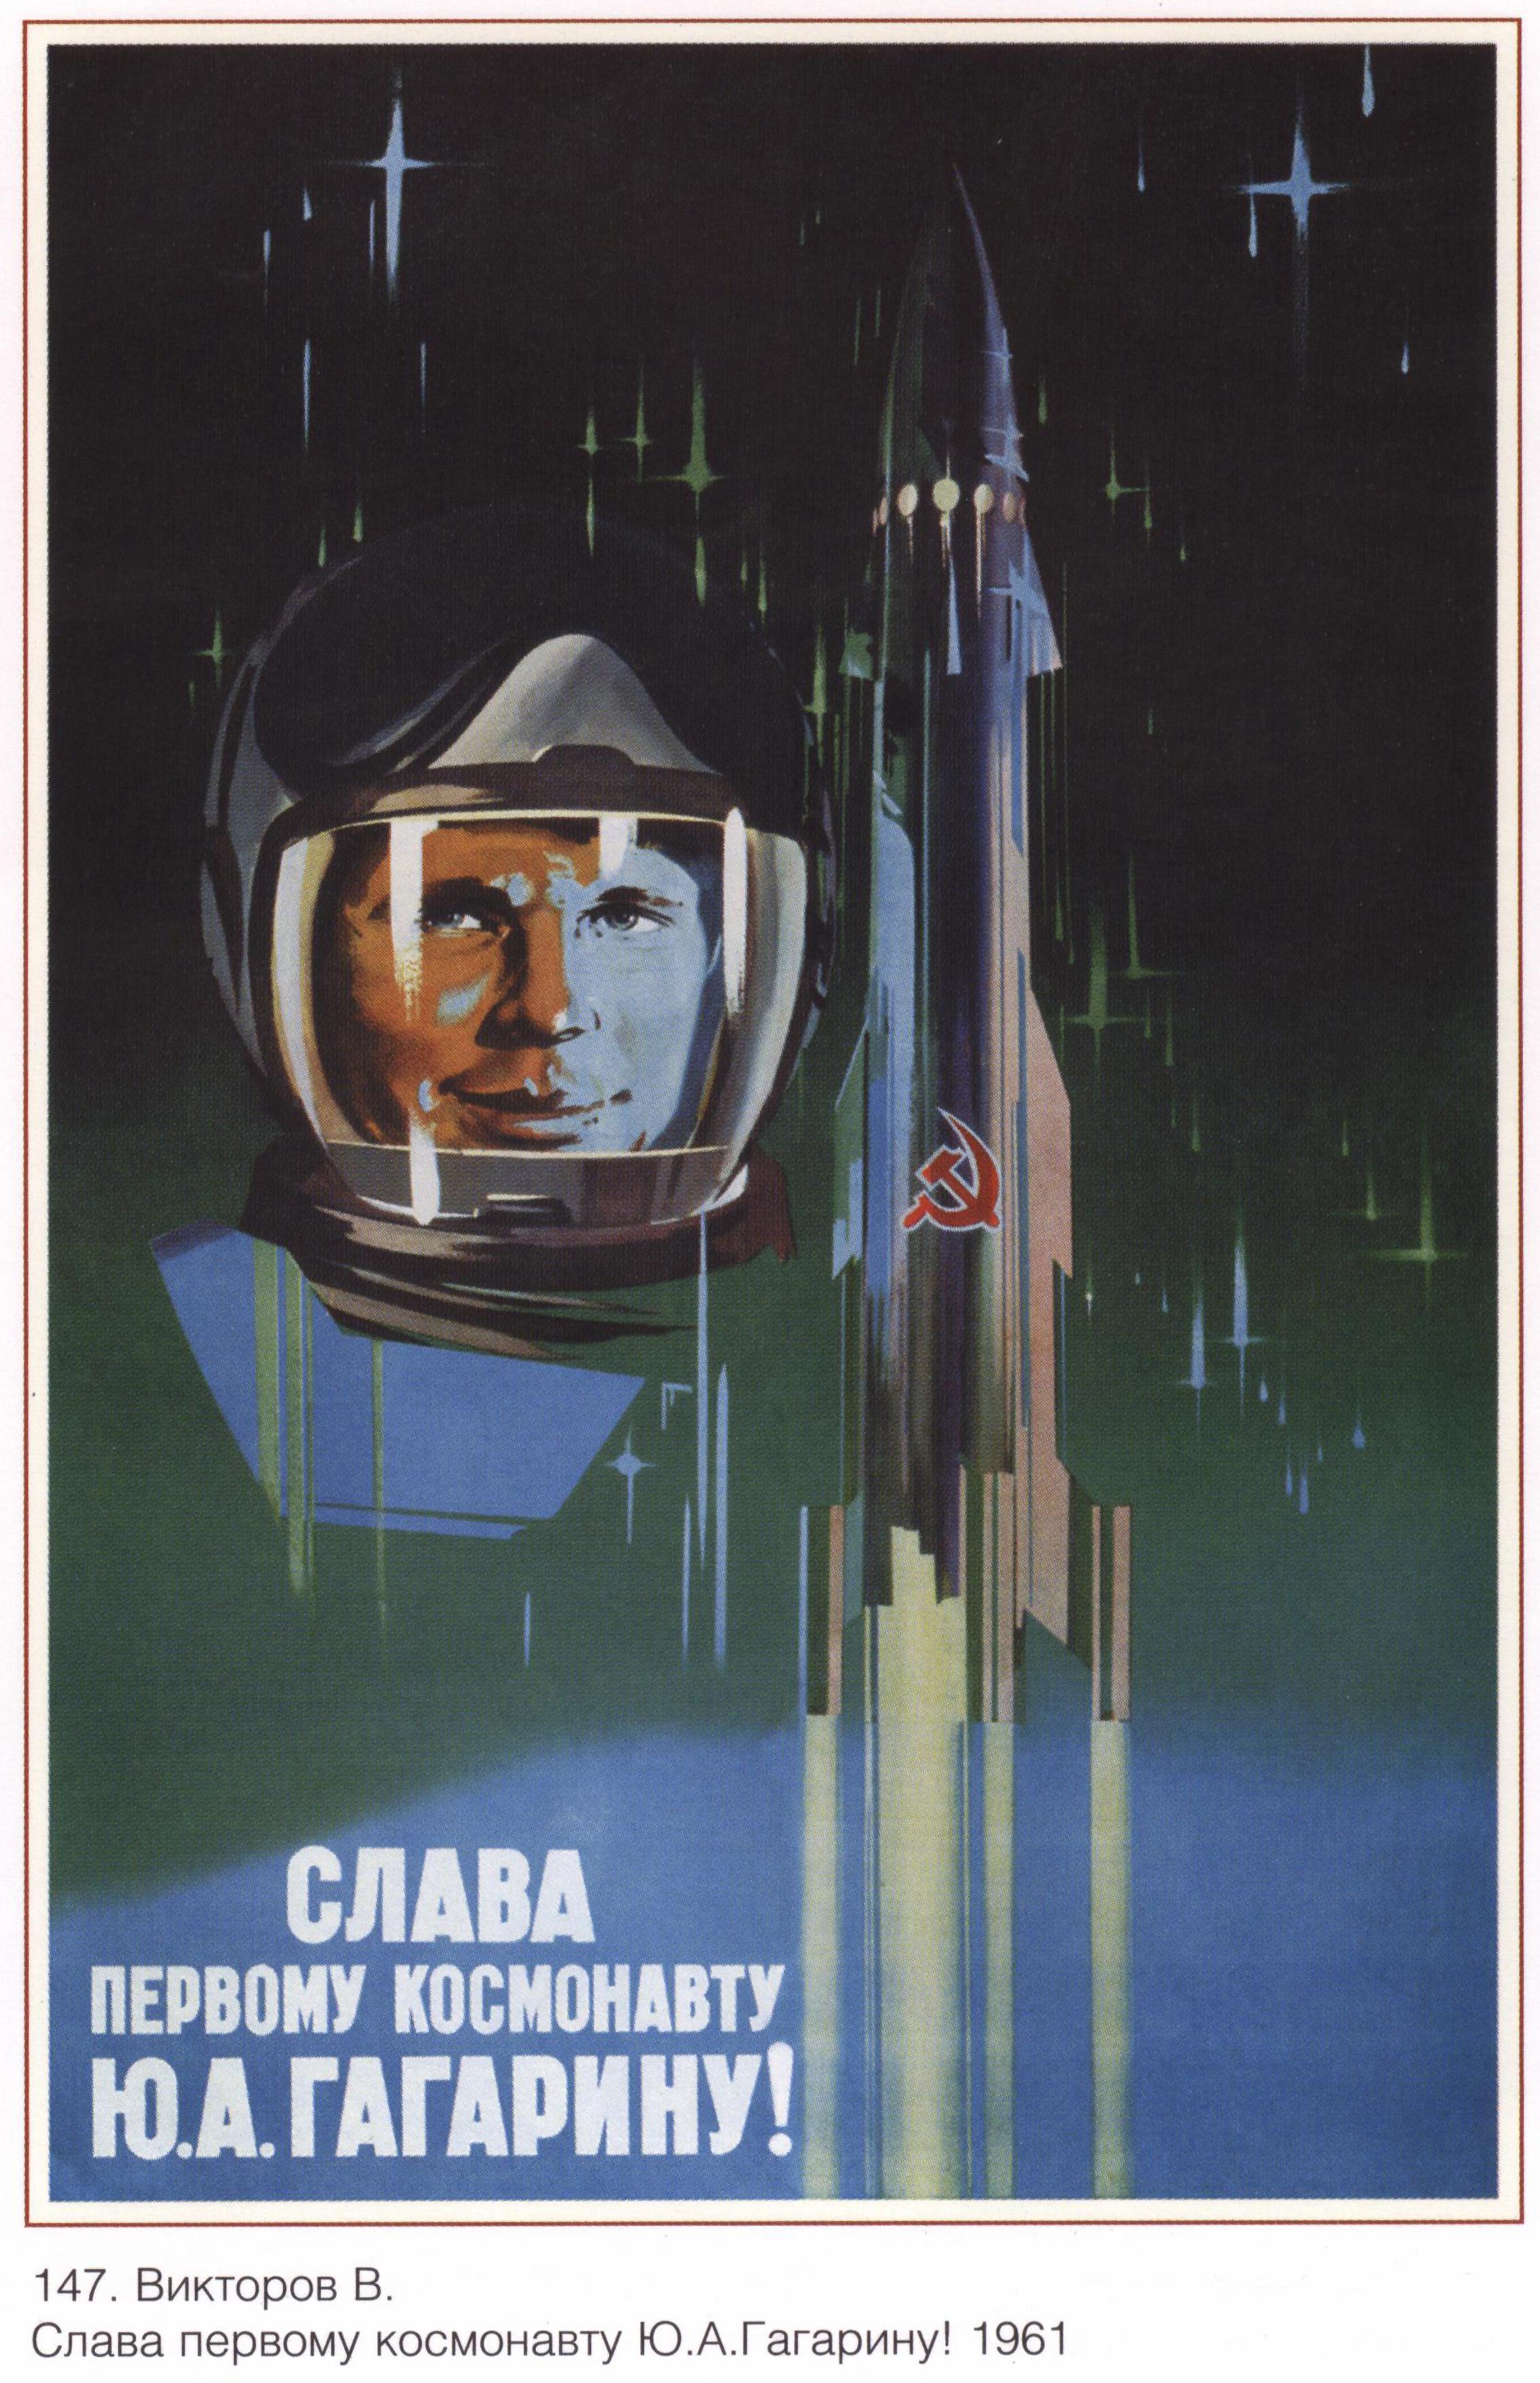 родители первый космонавт открытки медицина